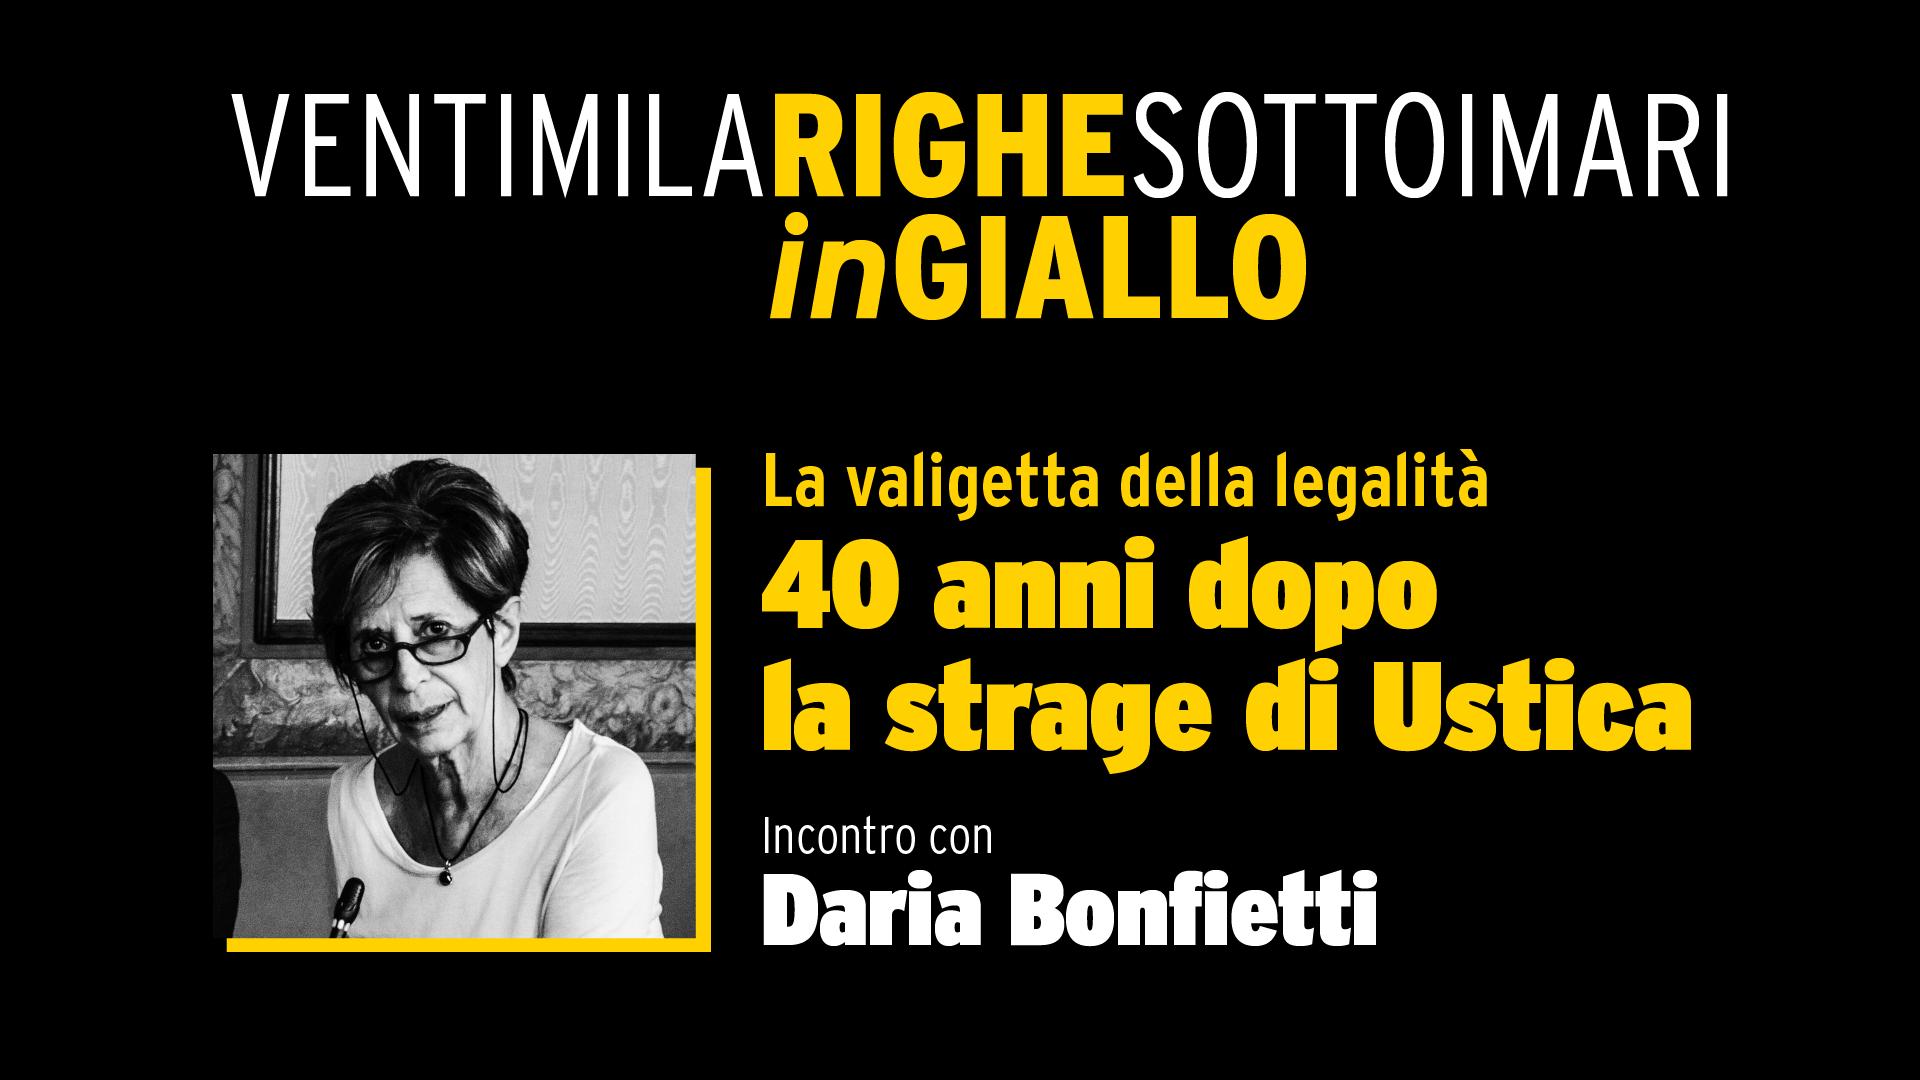 40 anni dopo la strage di Ustica - Video Integrale